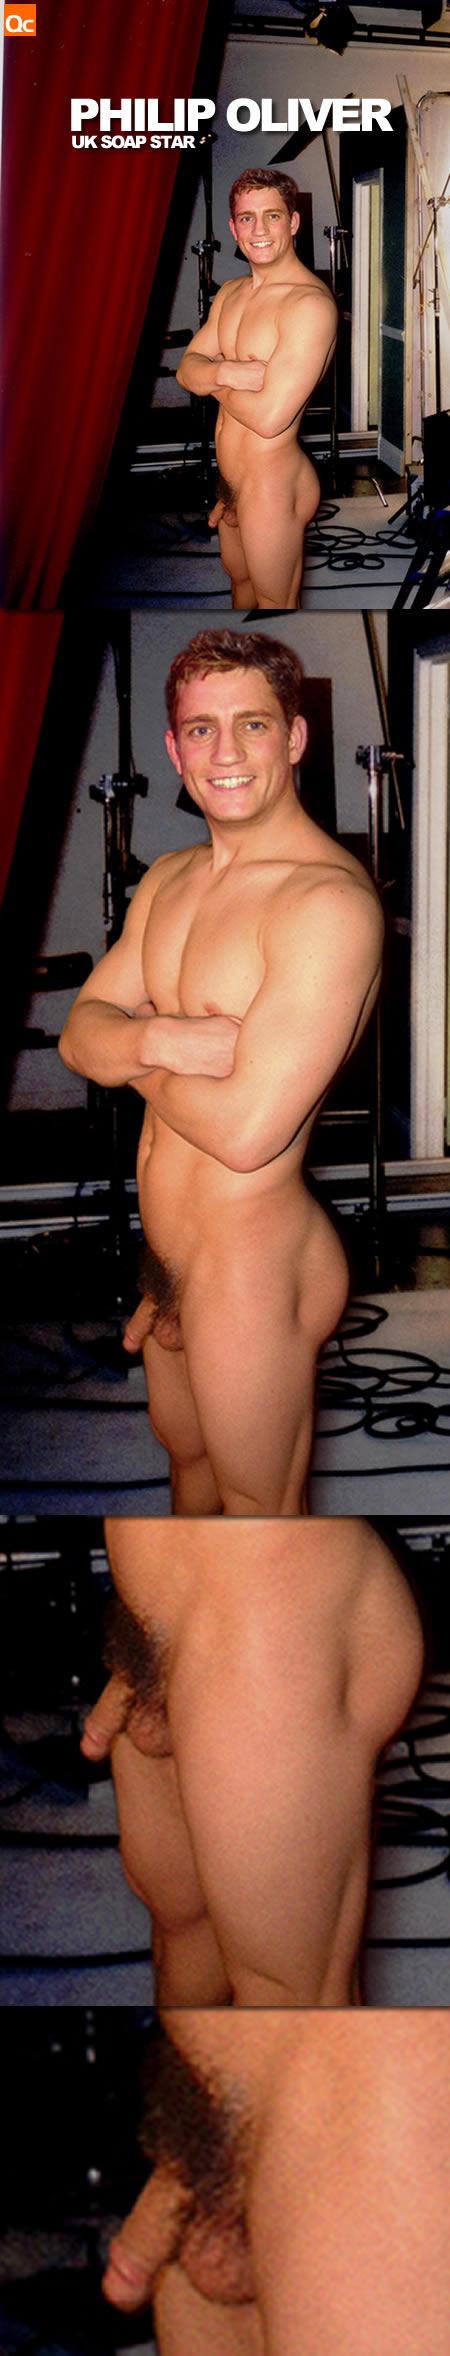 philip-olivier-naked.jpg